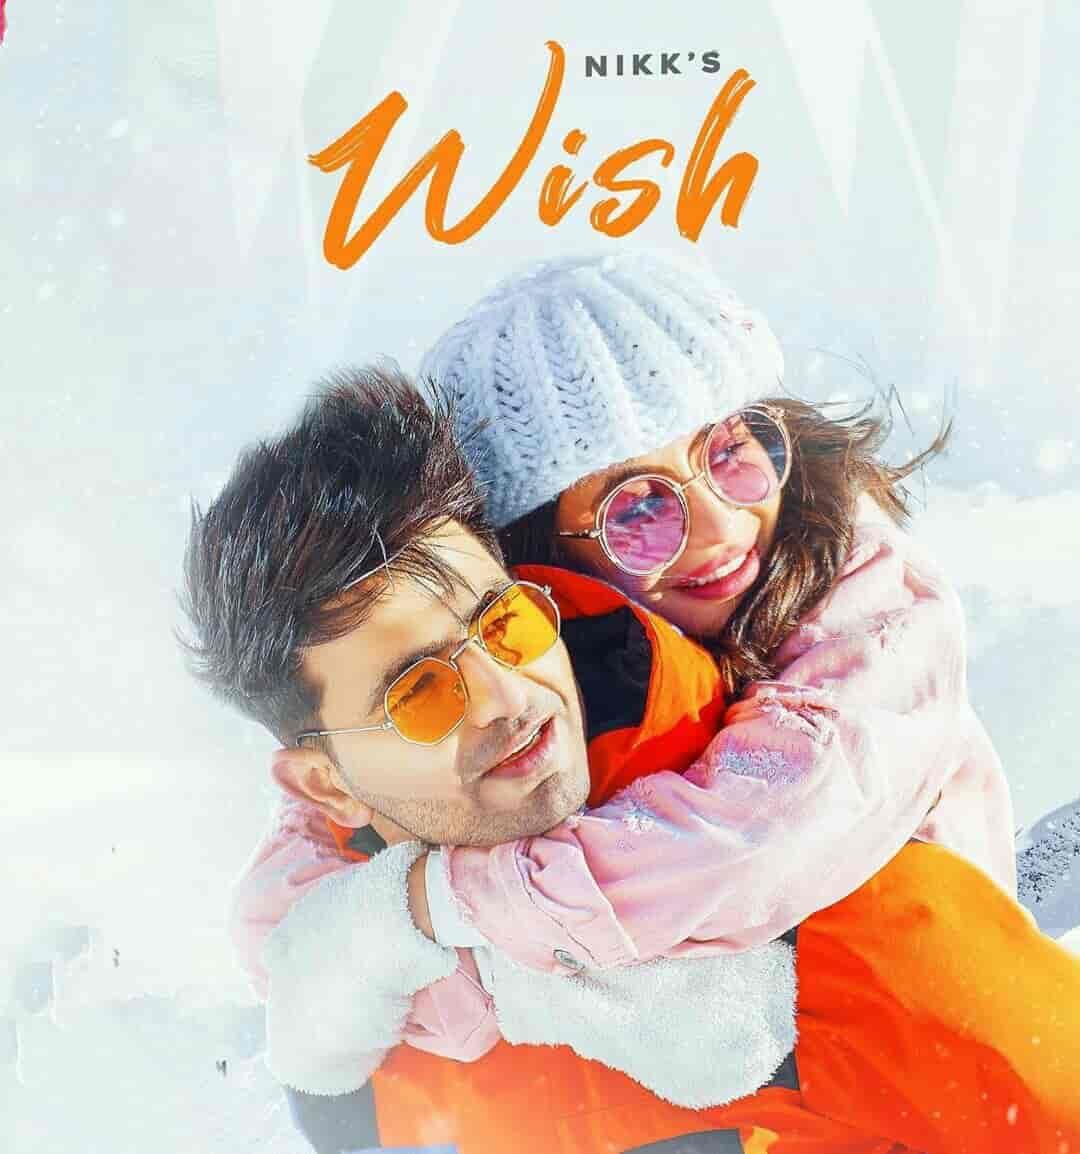 Wish Punjabi Song Images By Nikk